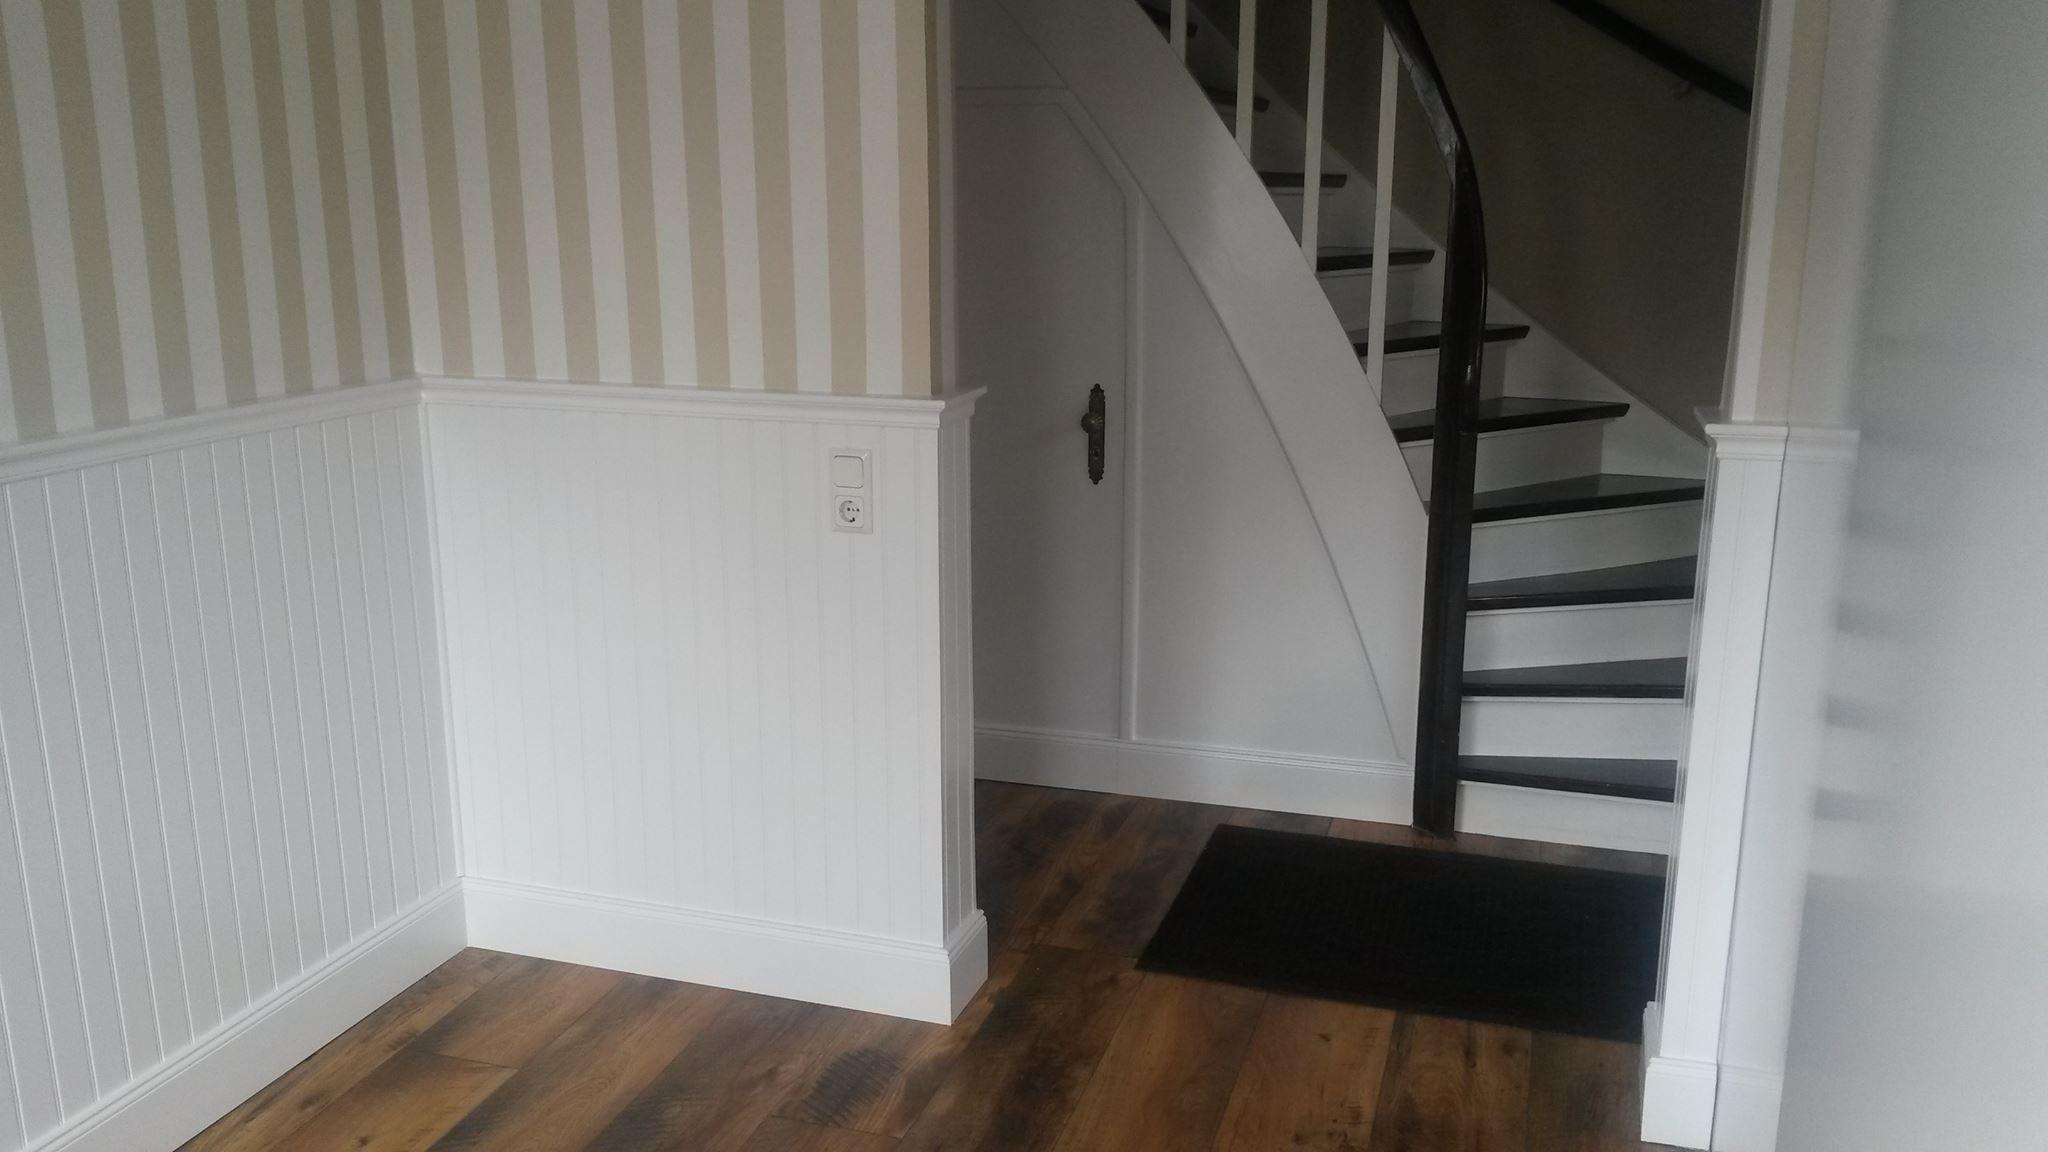 Wandgestaltung Treppenhaus Holzpaneele Streifentapete Wie Usa Original Bead Wandgestaltung Wohnzimmer Steinoptik Wandgestaltung Wandgestaltung Wohnzimmer